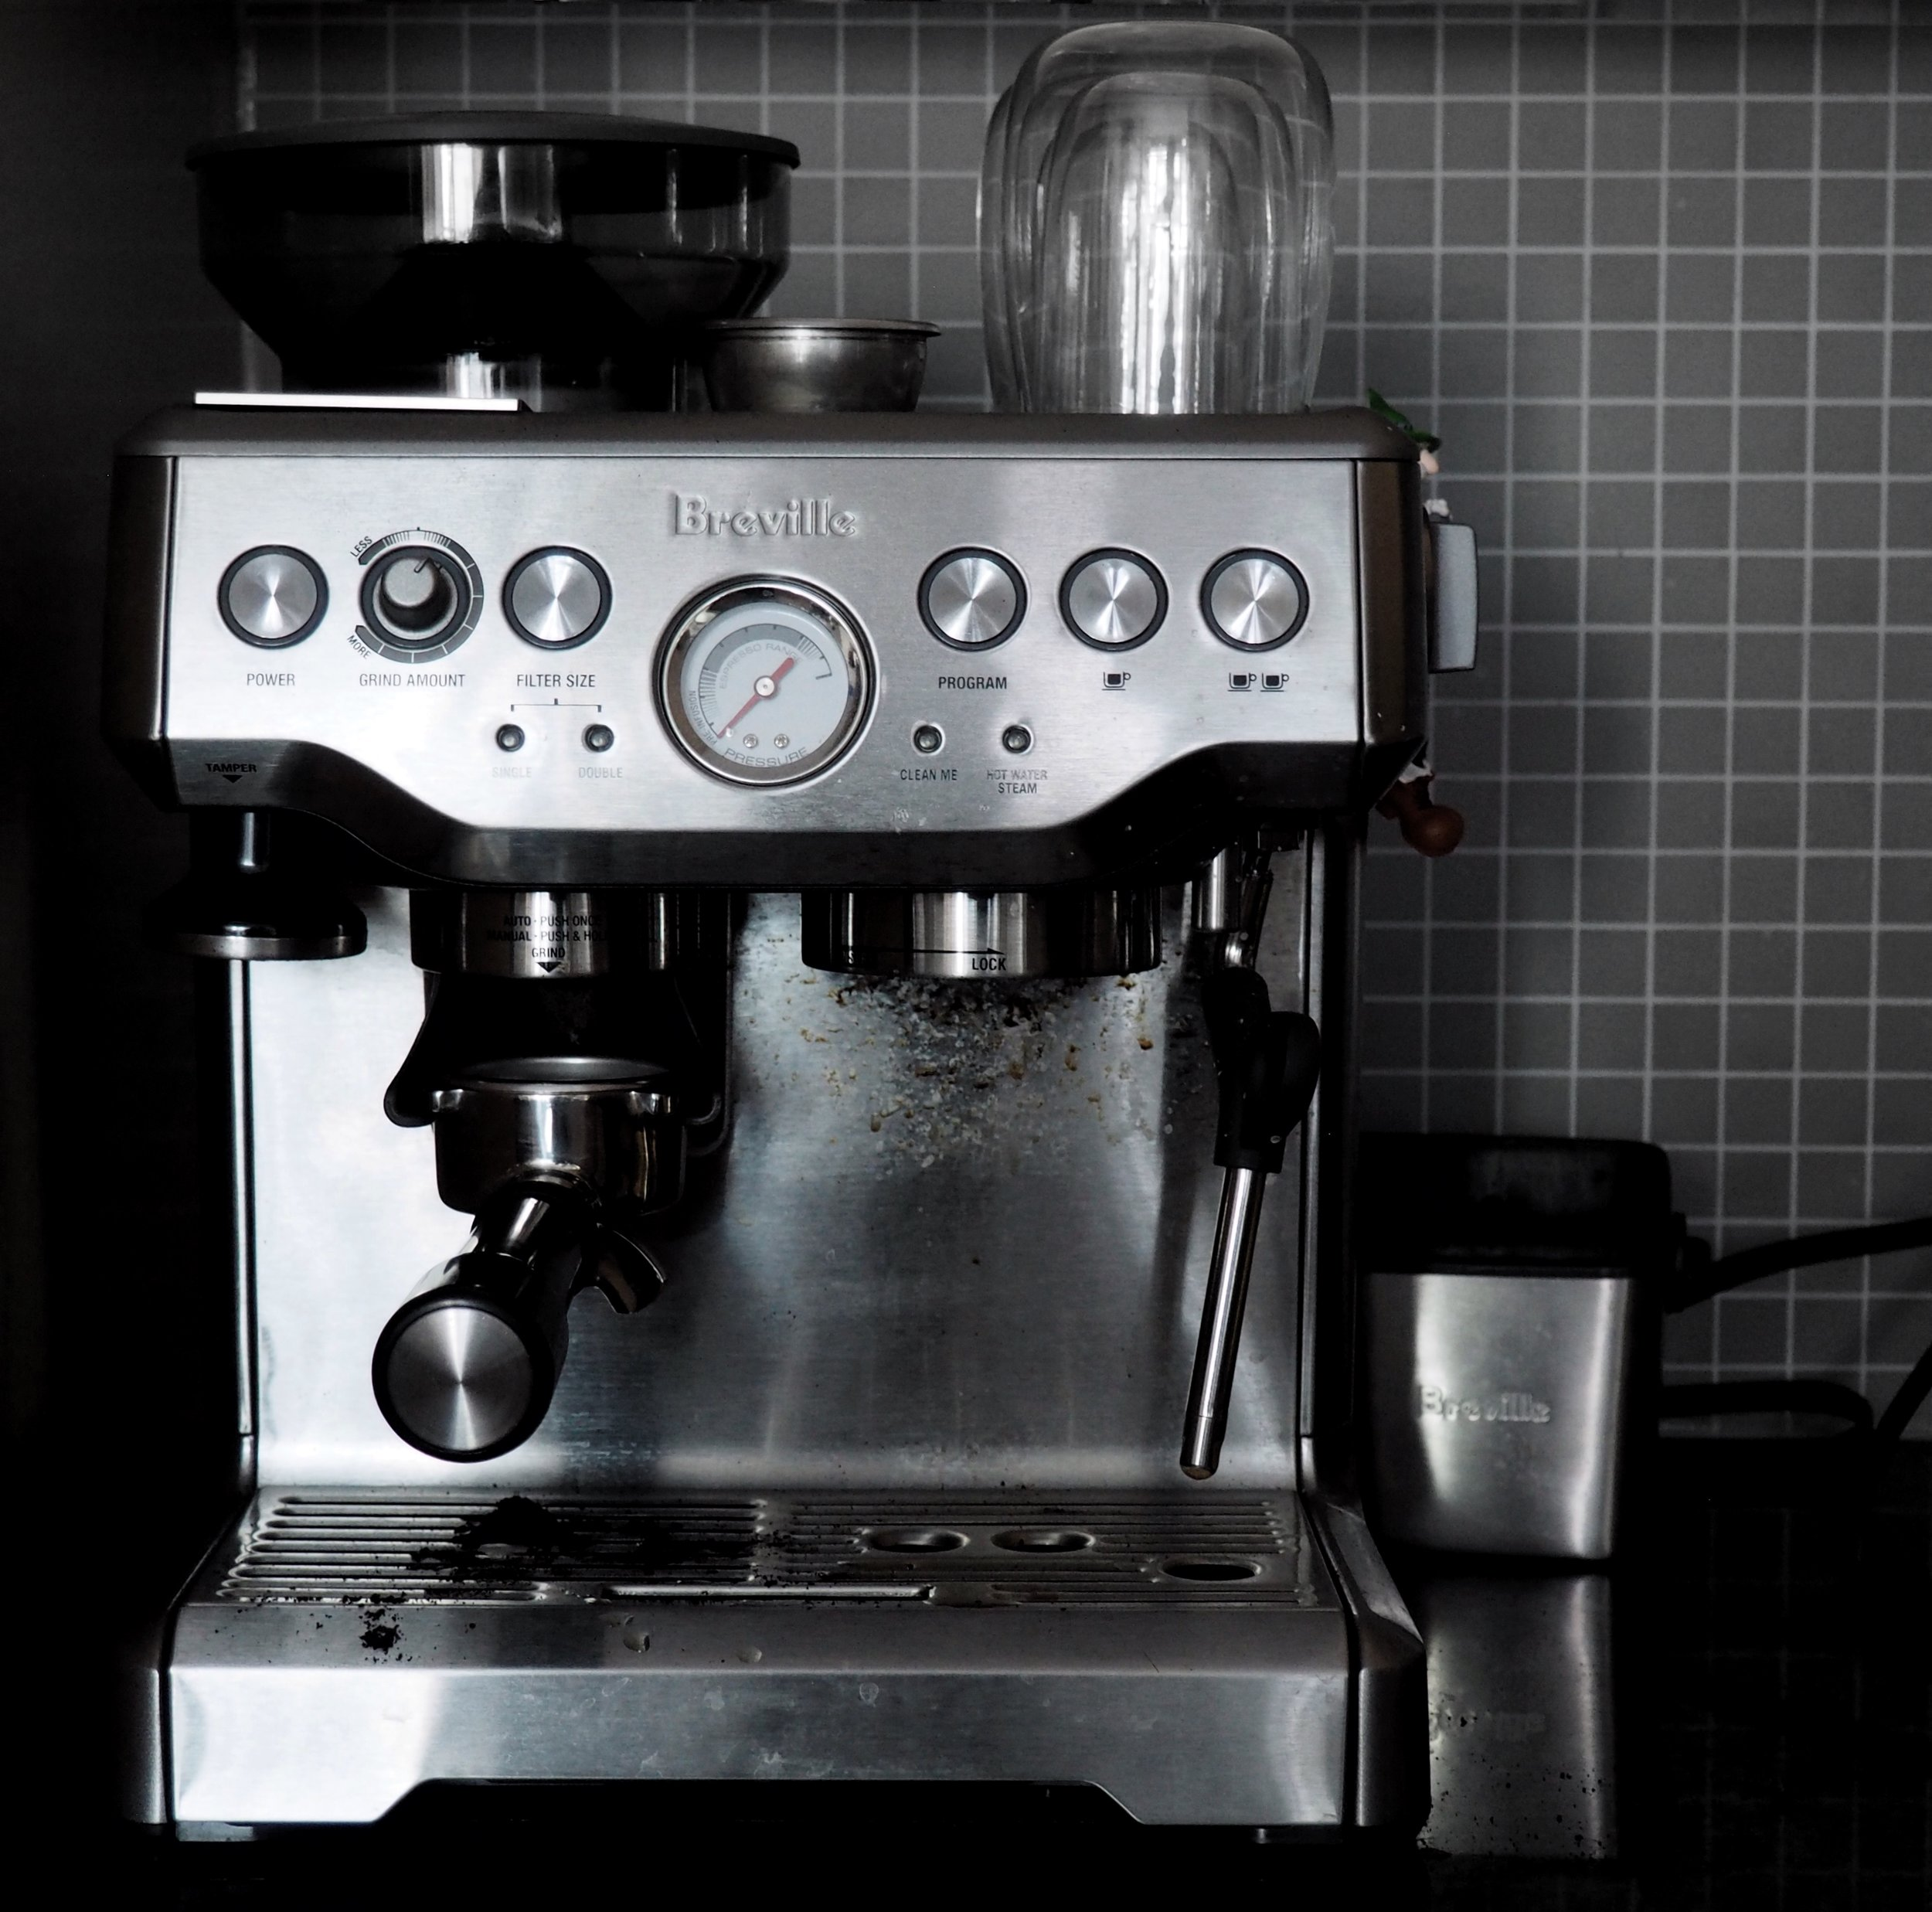 breville espresso machine coffee